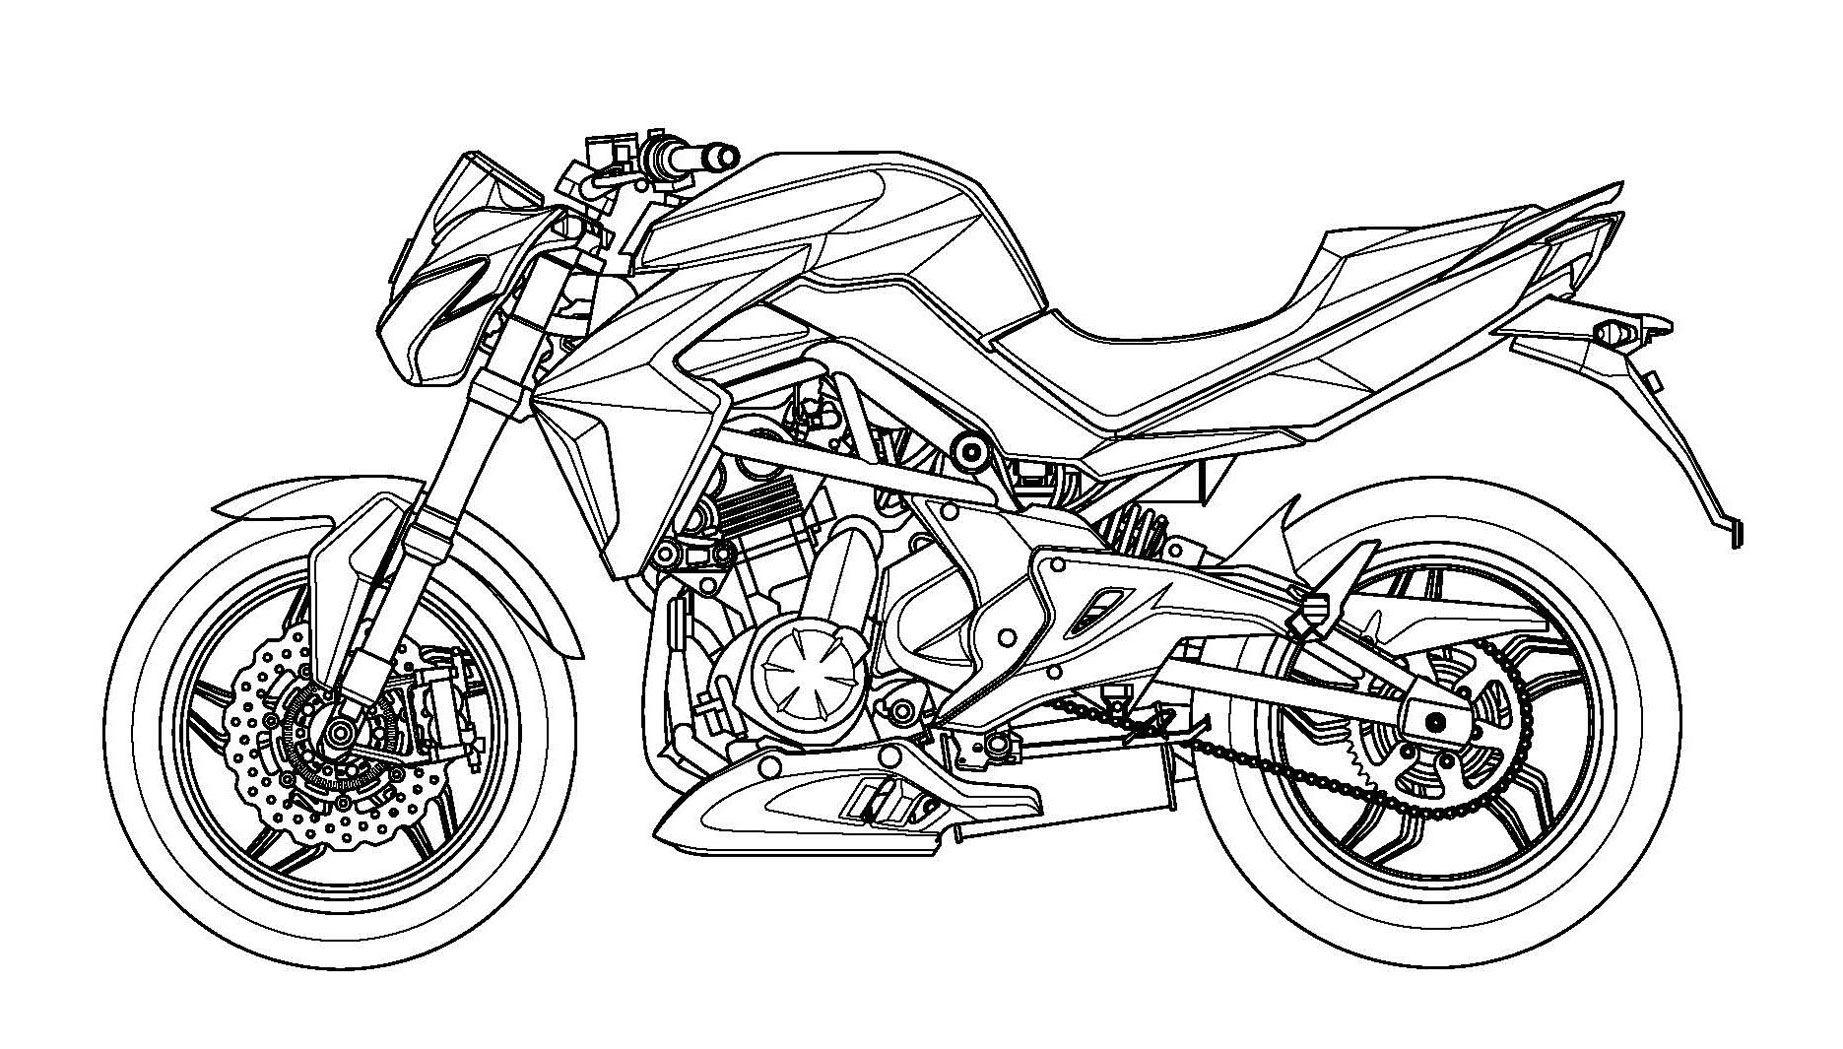 Gsxr 600 Race Bike